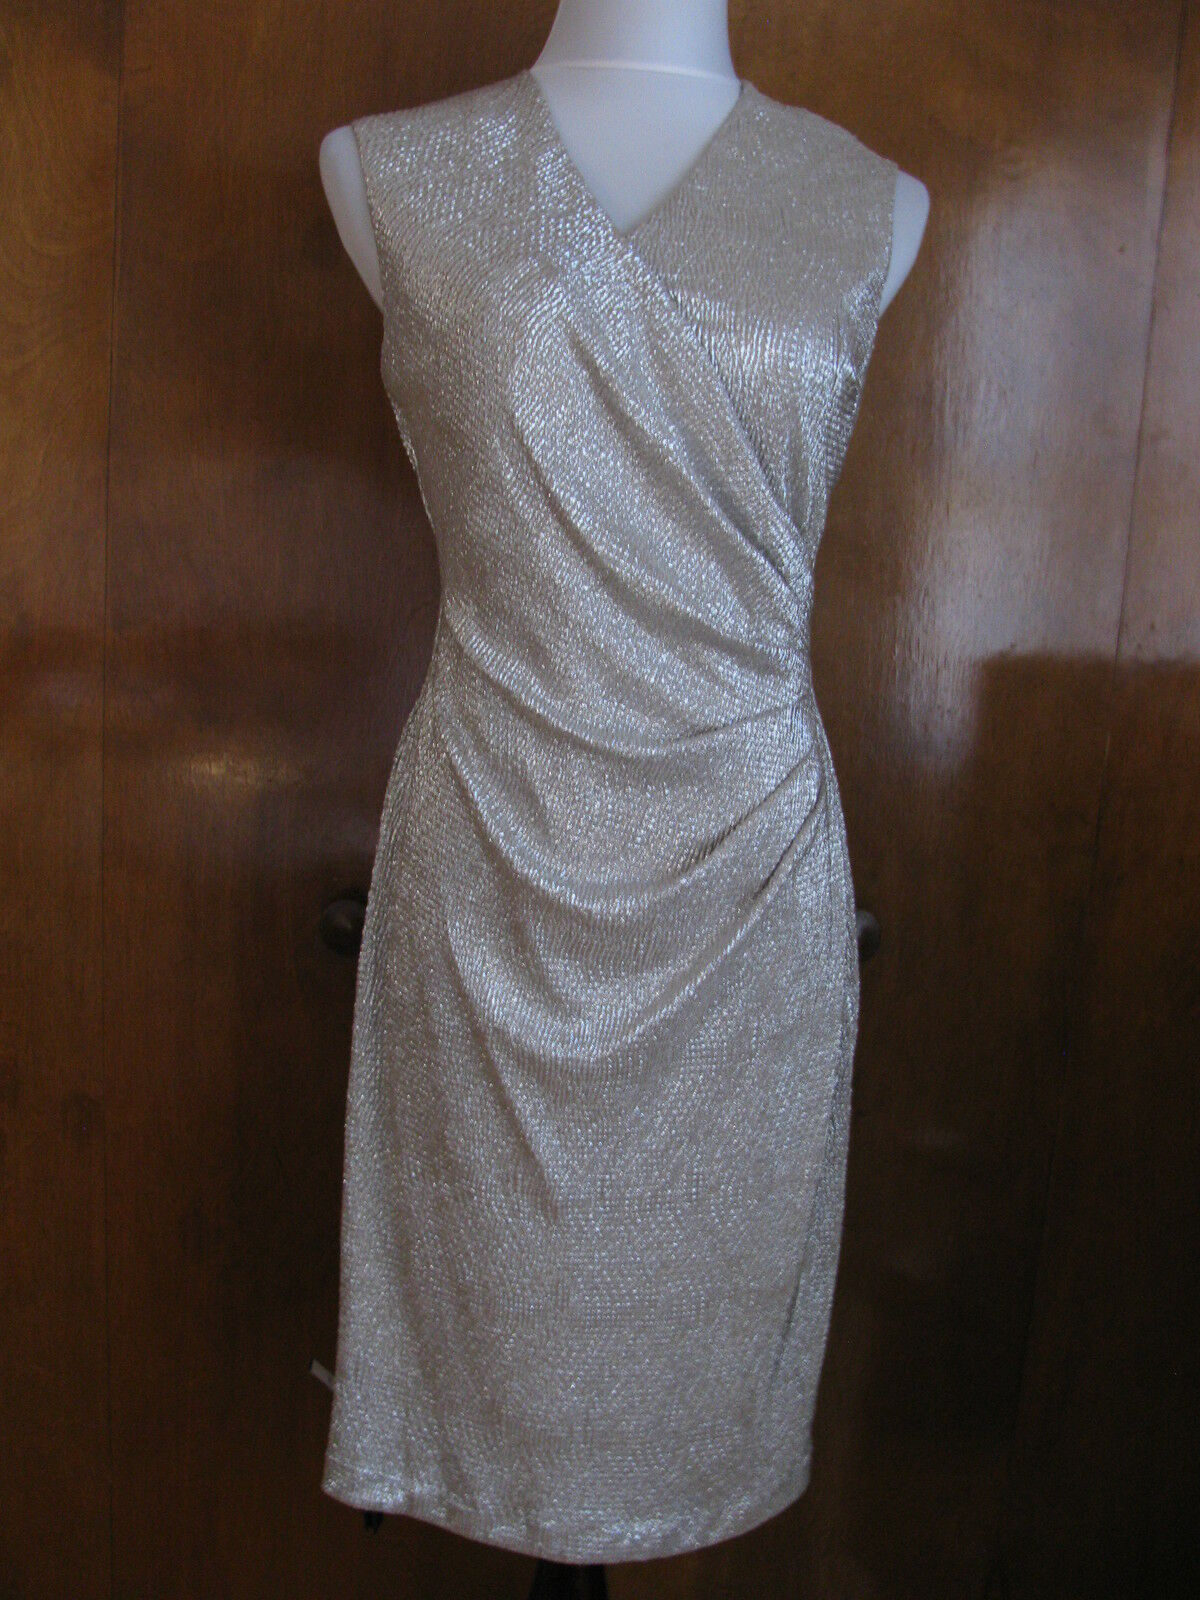 Ralph Lauren Women's White gold Detailed Lined Evening Evening Evening NWT Dress 6 8 10 12 14 16 79c976